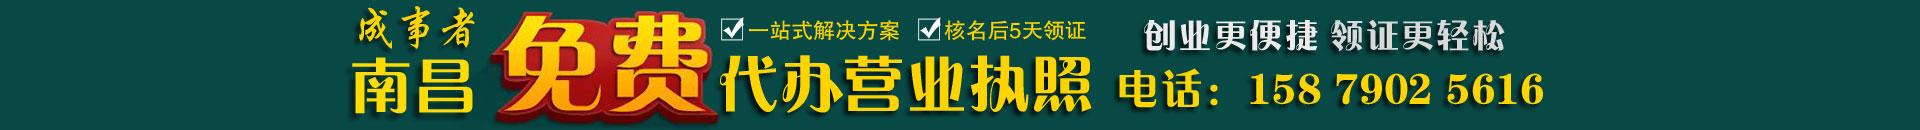 皇冠新现金网首页0元皇冠苹果版app下载公司 免费代办